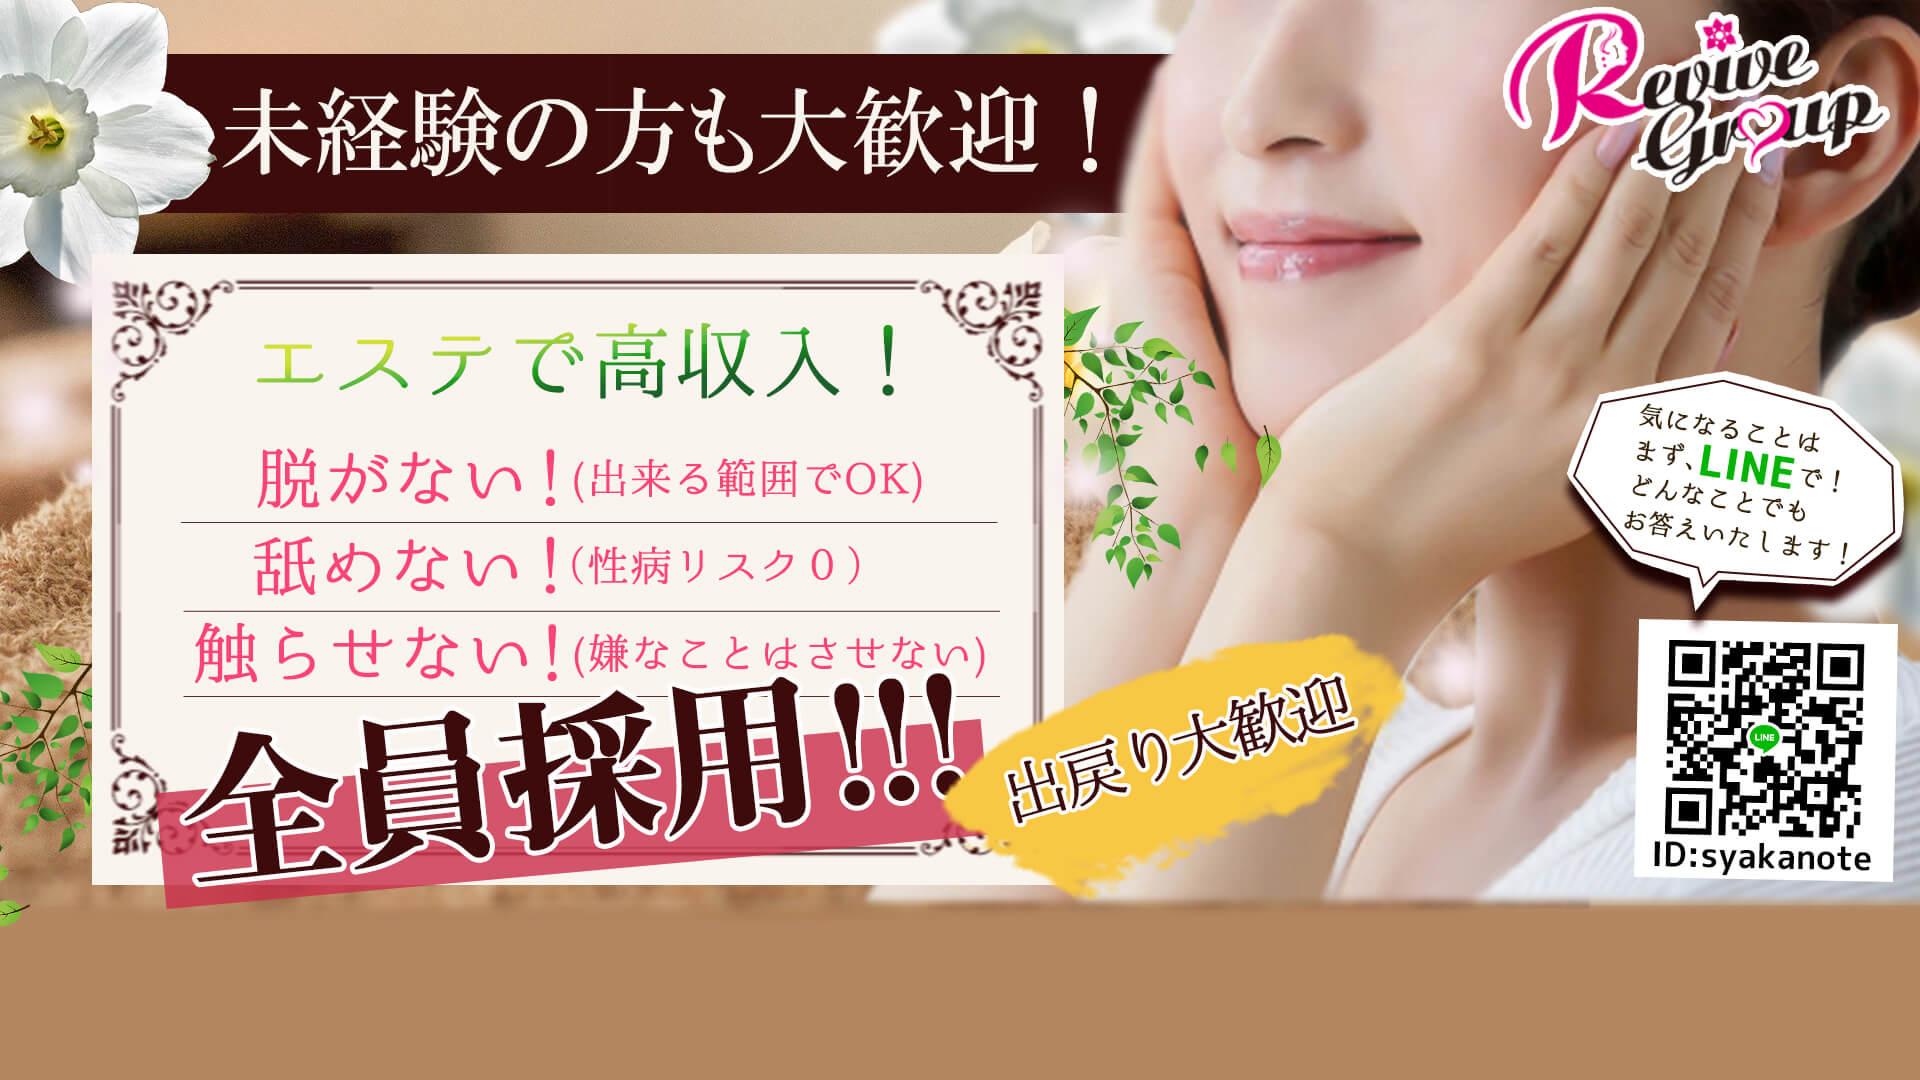 「釈迦の手」熊本店の求人画像